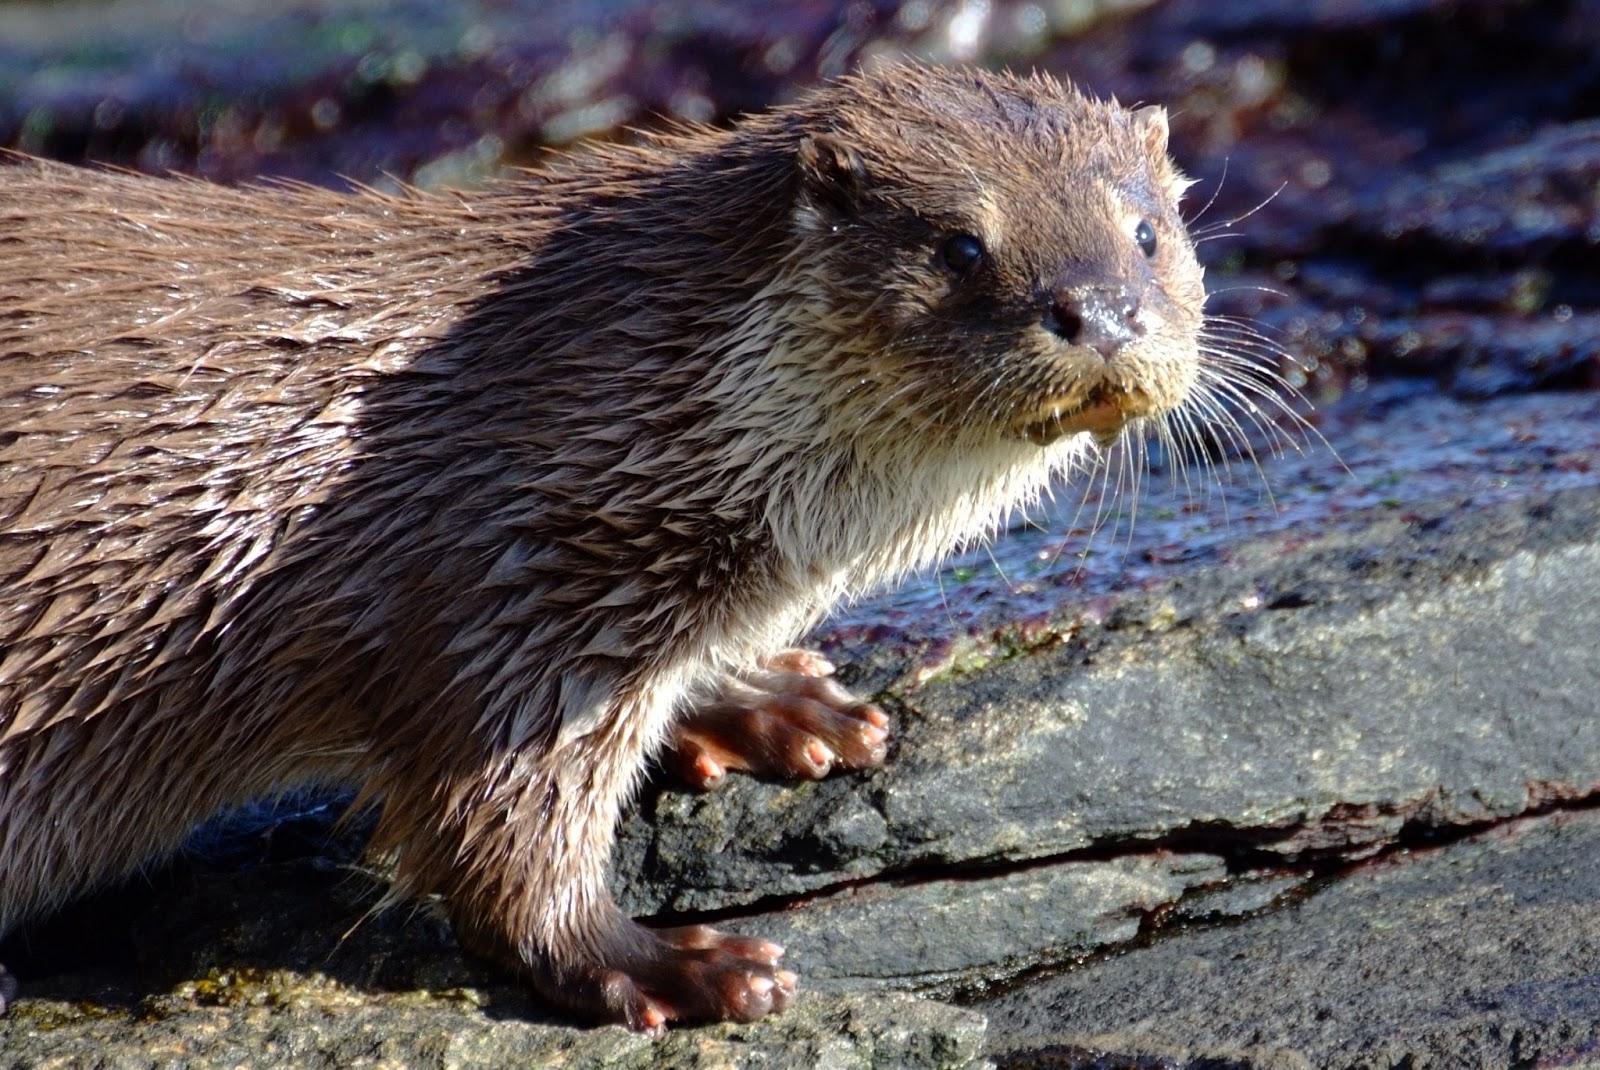 Otter tracks